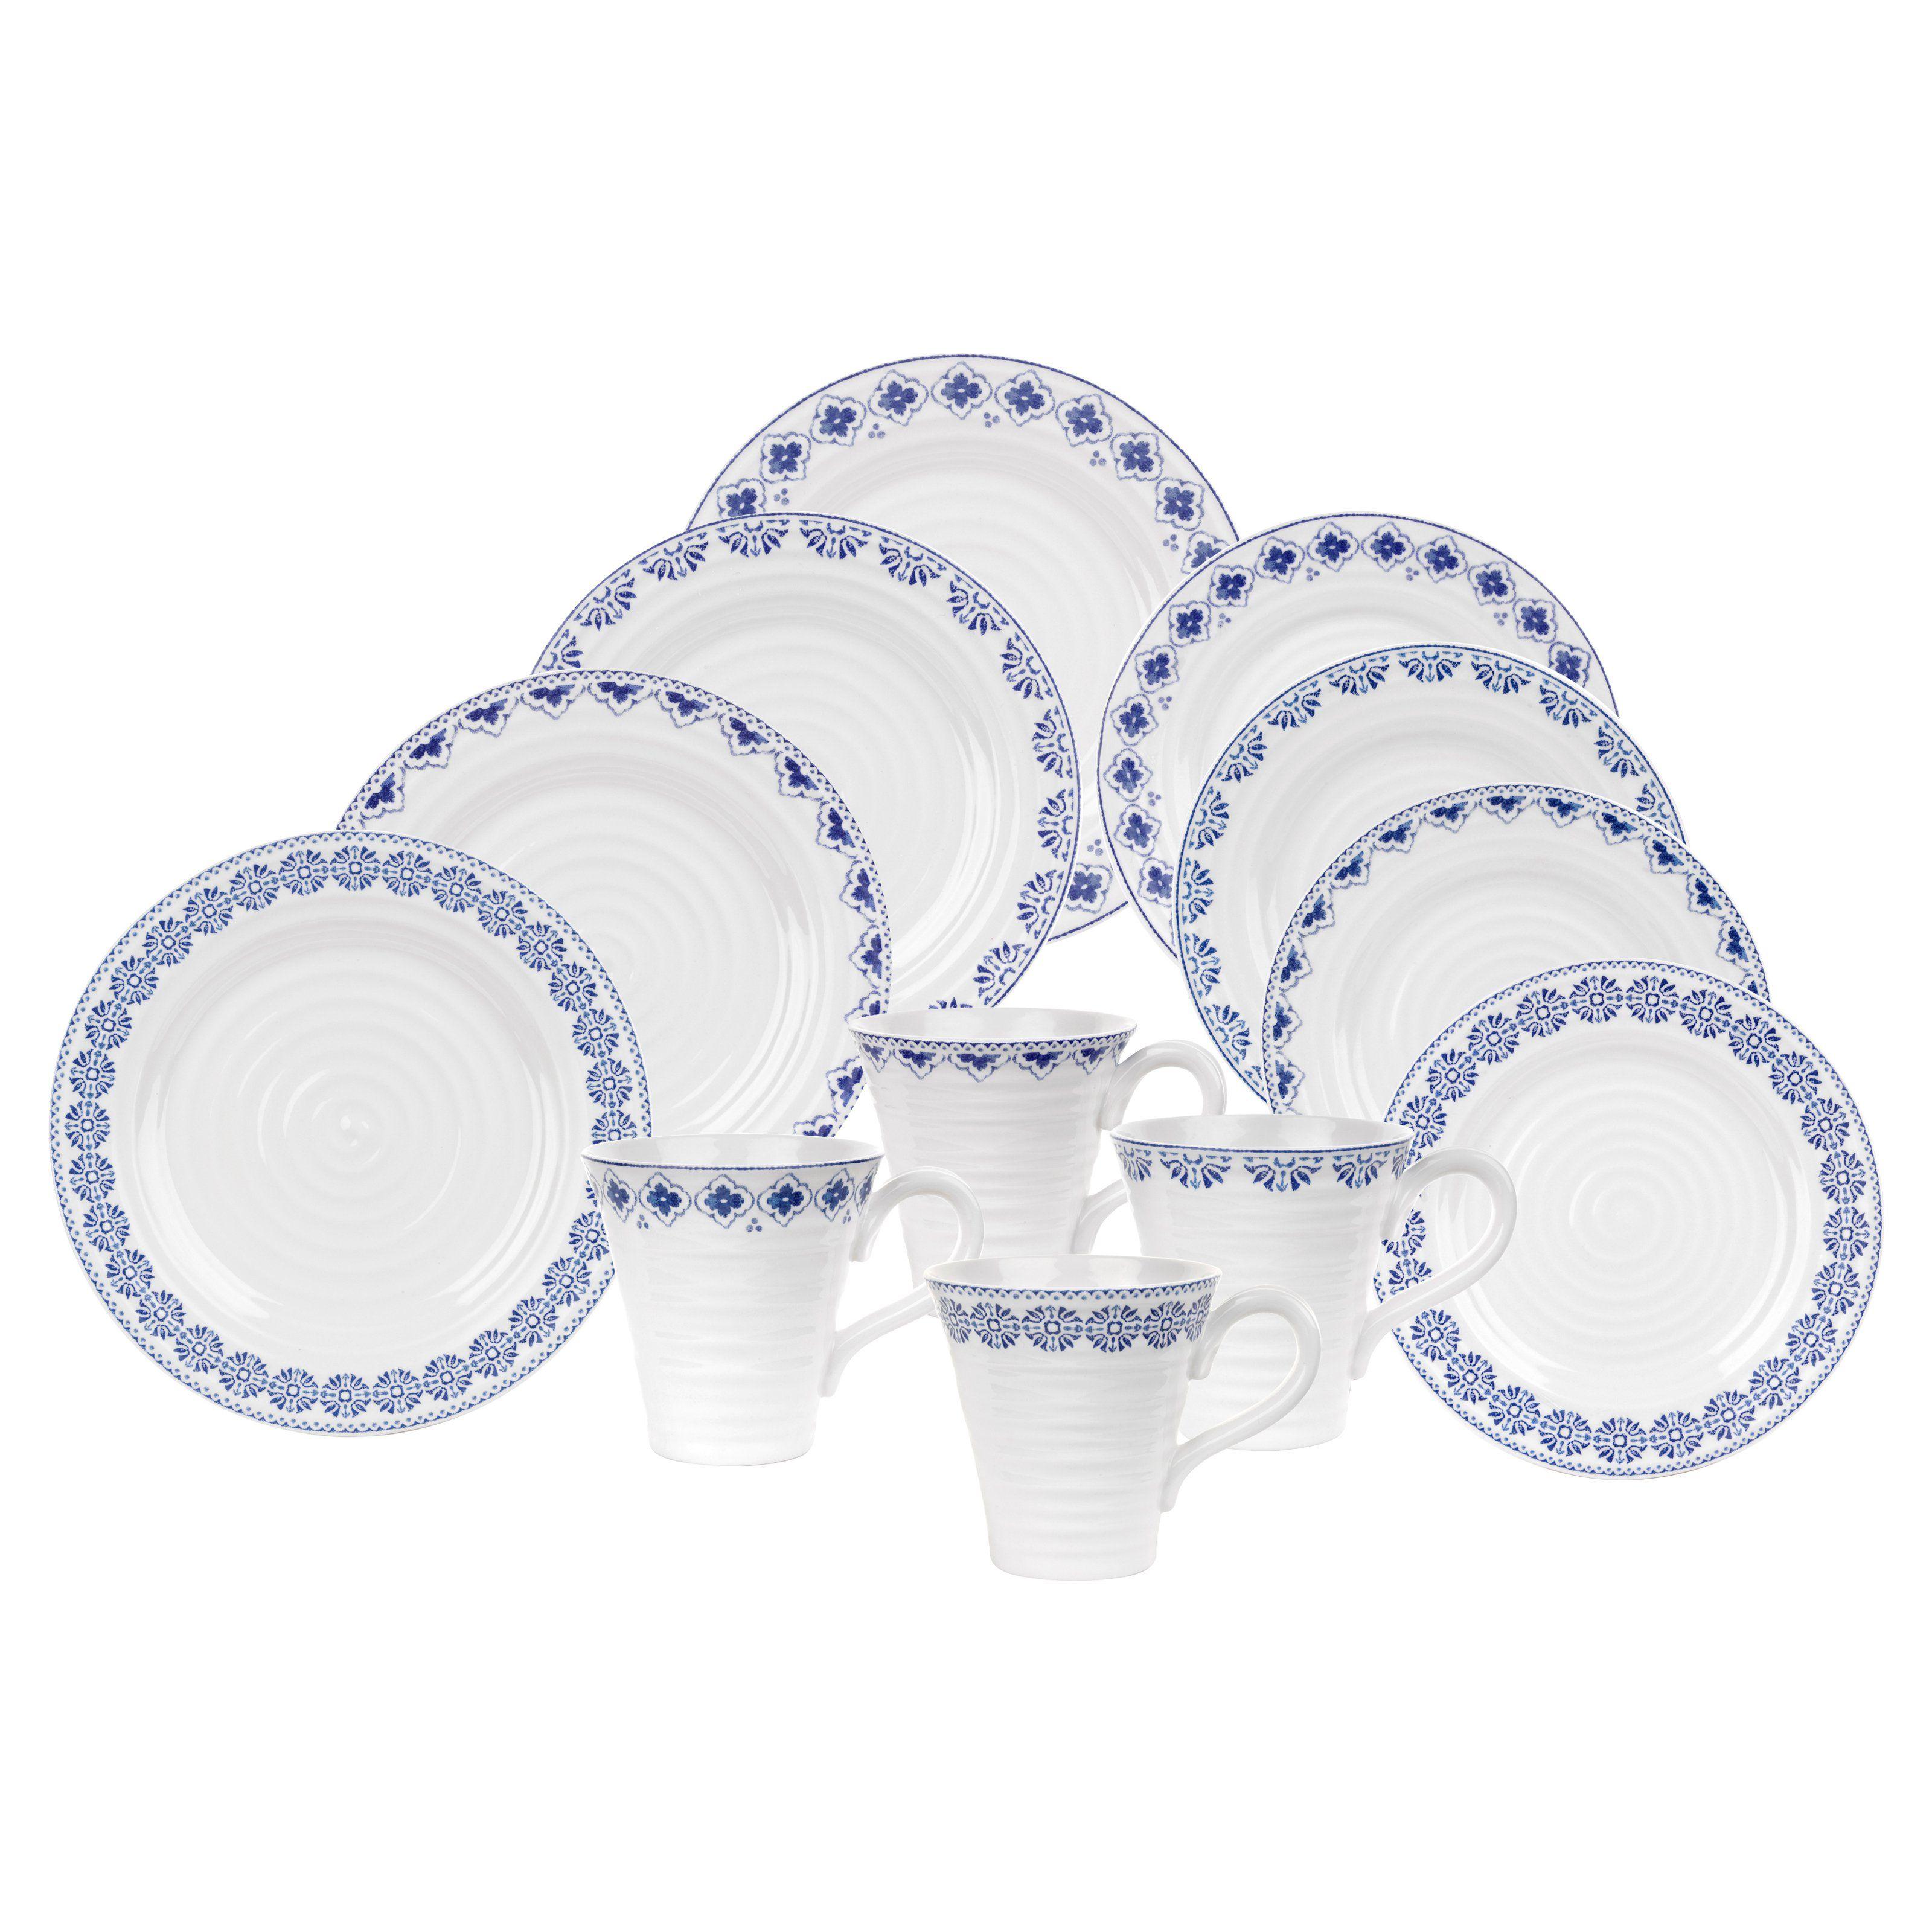 Portmeirion Sophie Conran 12 Piece Dinnerware Set - 597051  sc 1 st  Pinterest & Portmeirion Sophie Conran 12 Piece Dinnerware Set - 597051 ...